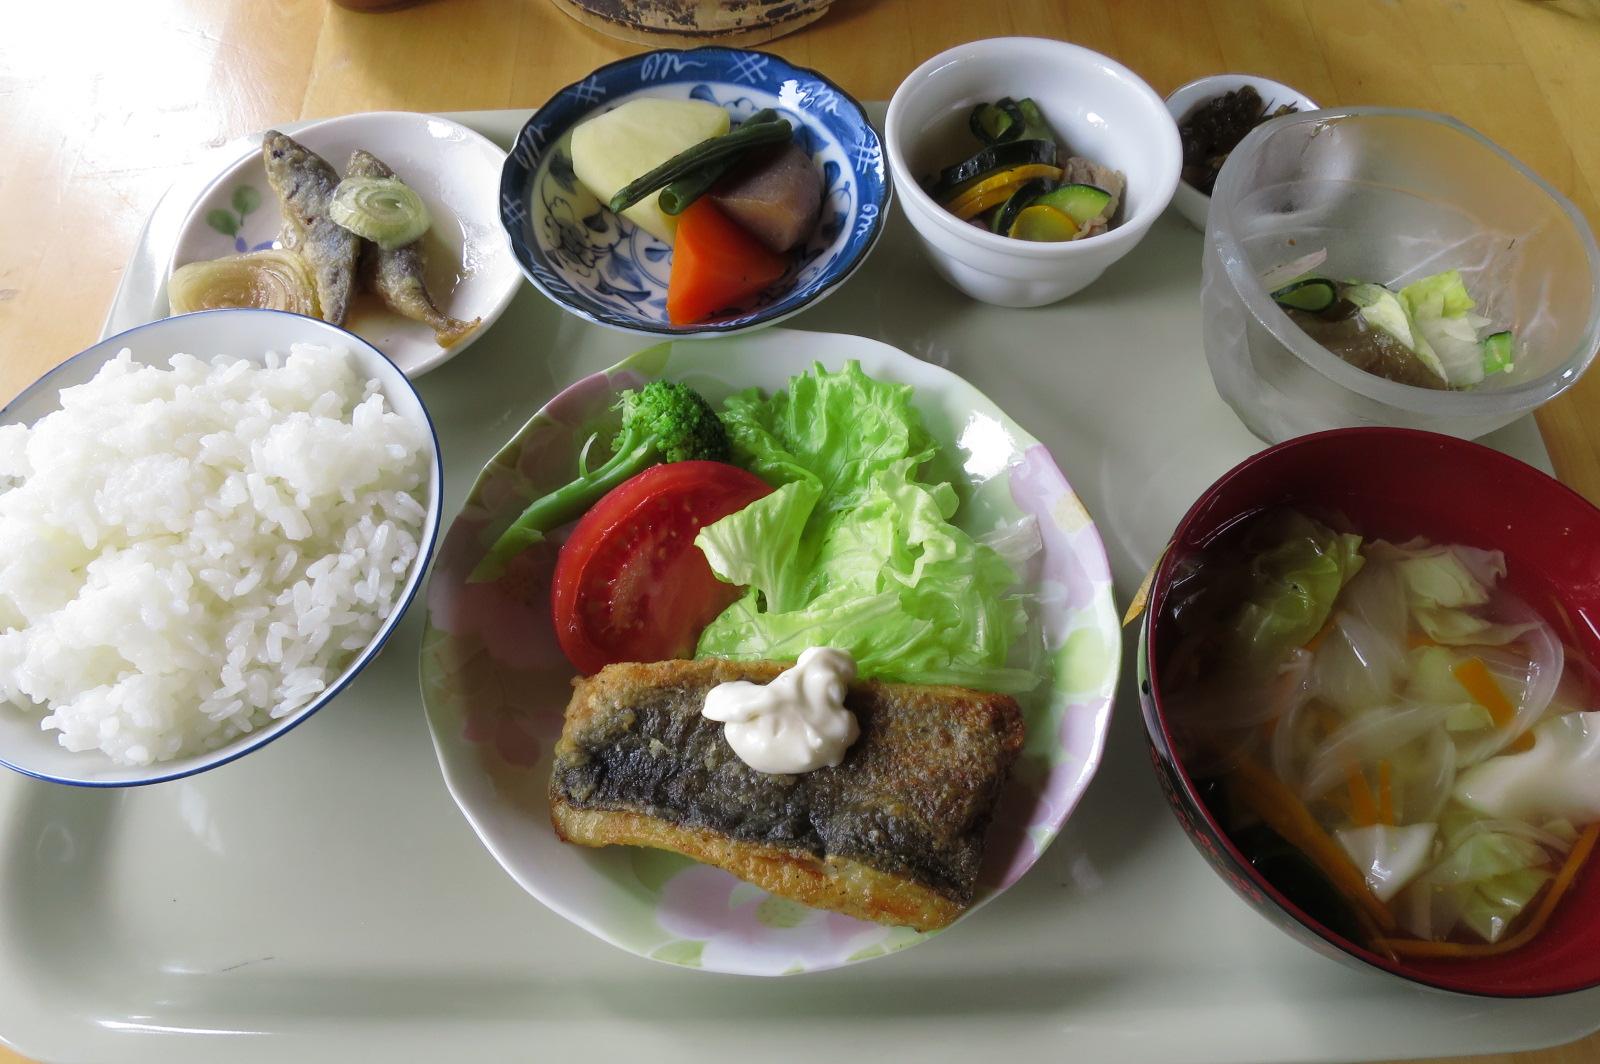 ジャーン、これが500円!質素ですが、味付けも良く、すべて美味しかったです!きれいに完食。